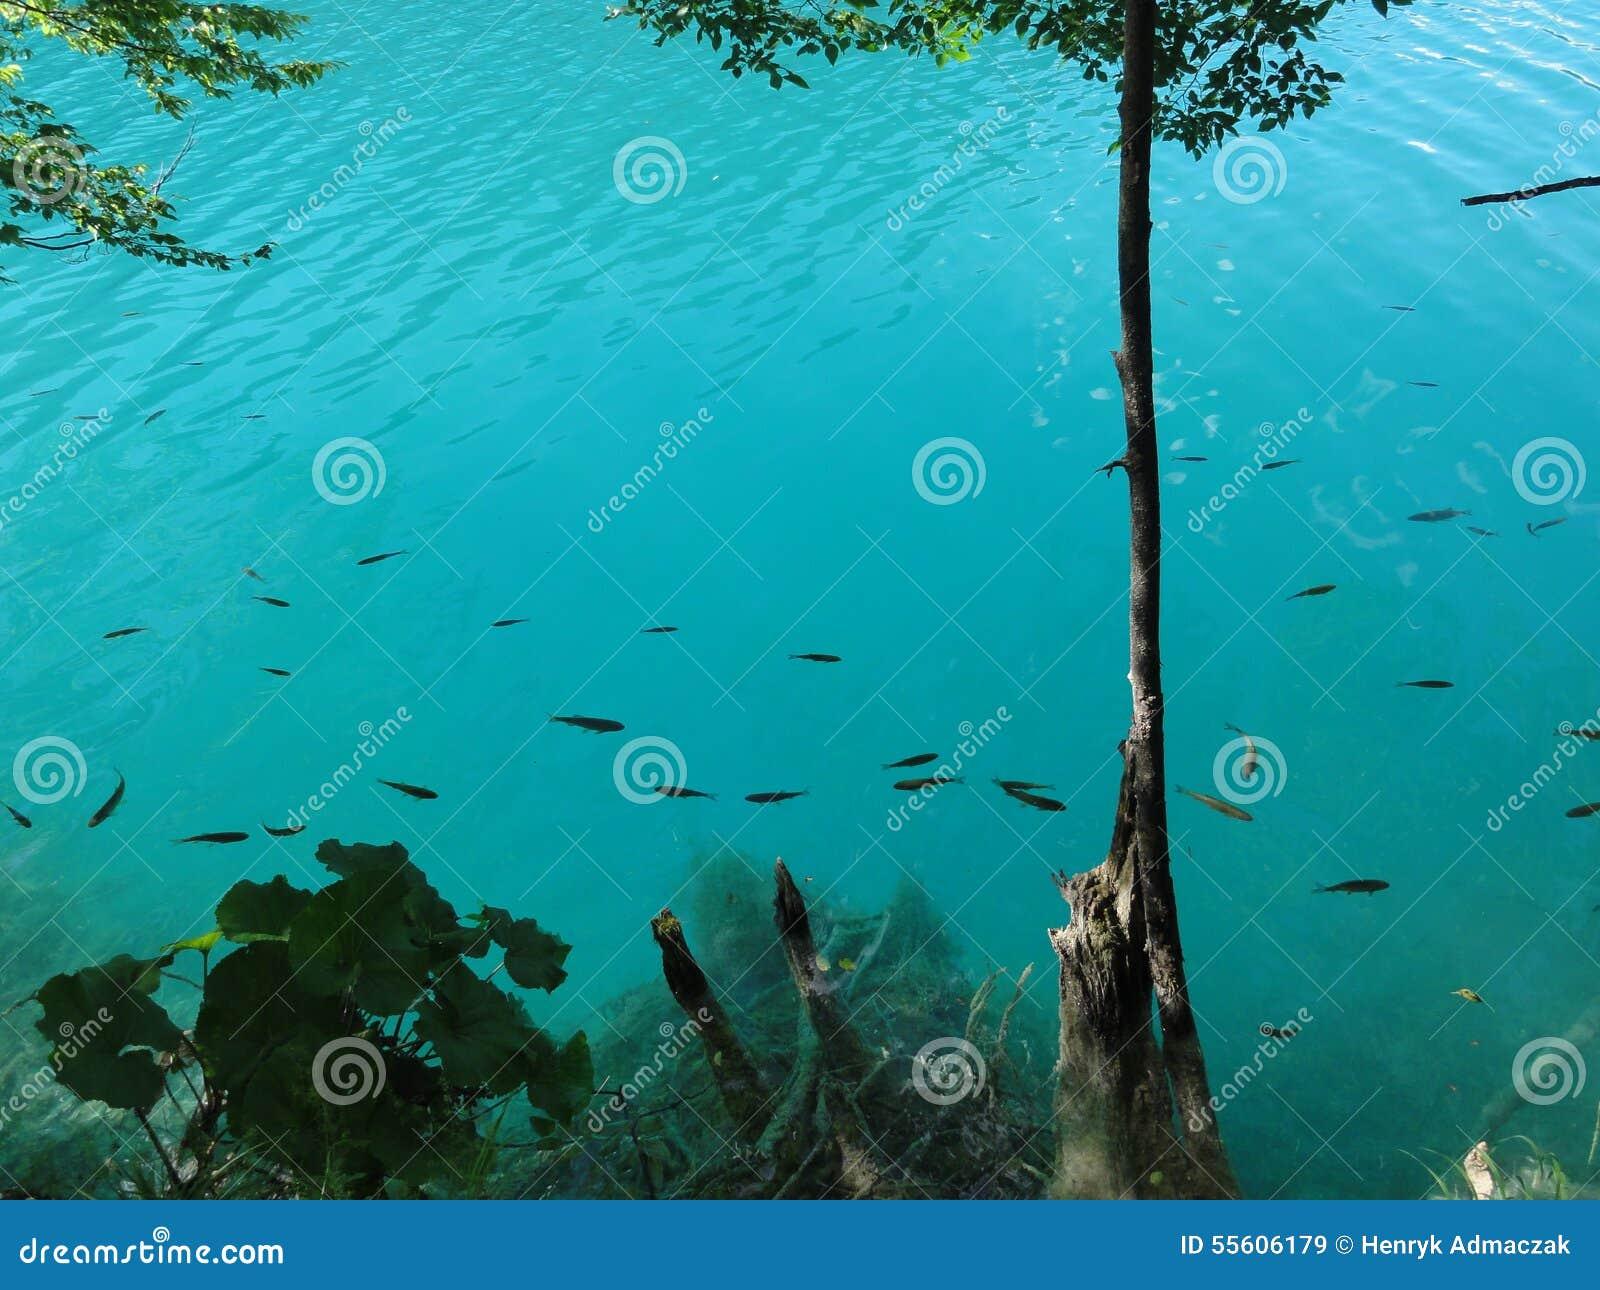 Pesce nei laghi azzurrati di plitvice